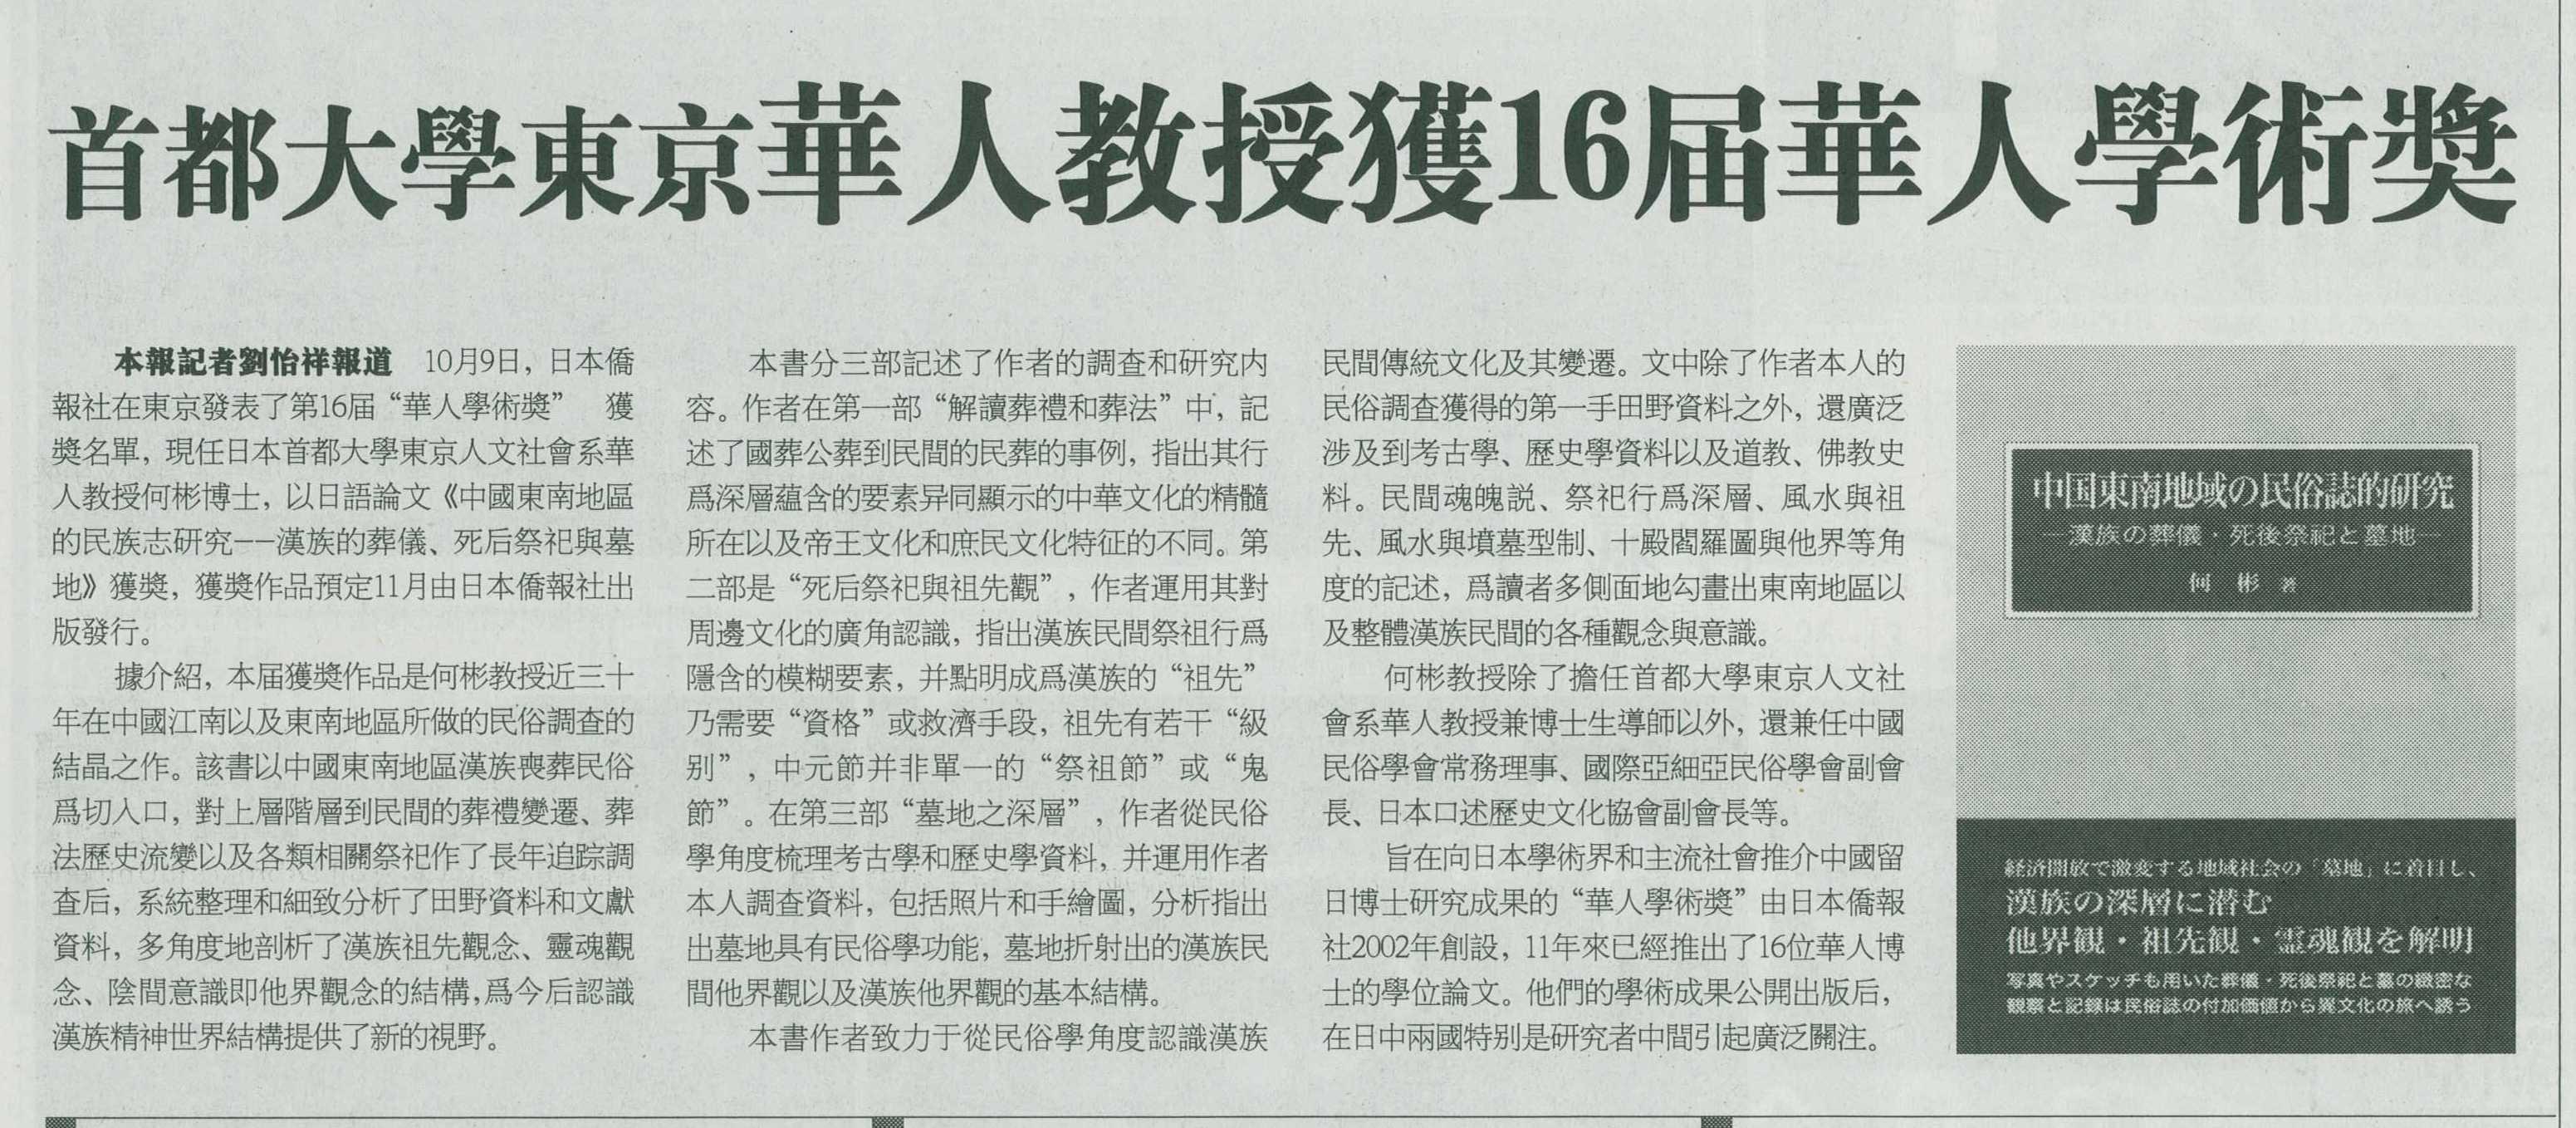 日中墓地・葬祭研究第一人之旅日华人学者何彬教授获第16届华人学术奖,《阳光导报》突出报道。_d0027795_1445428.jpg